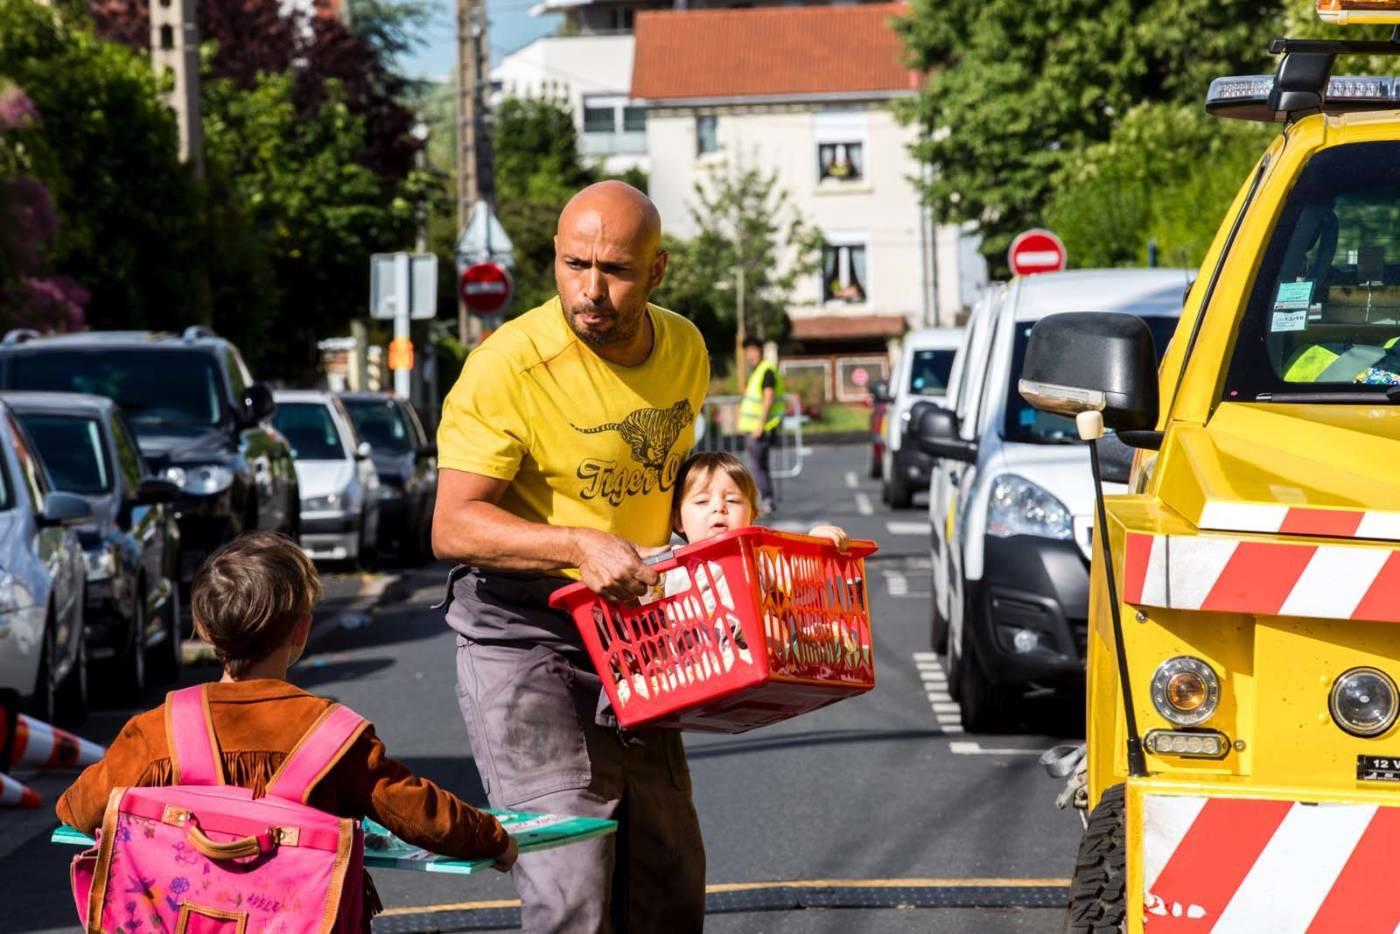 ROULEZ JEUNESSE, ou comment être un bon samaritain – Critique